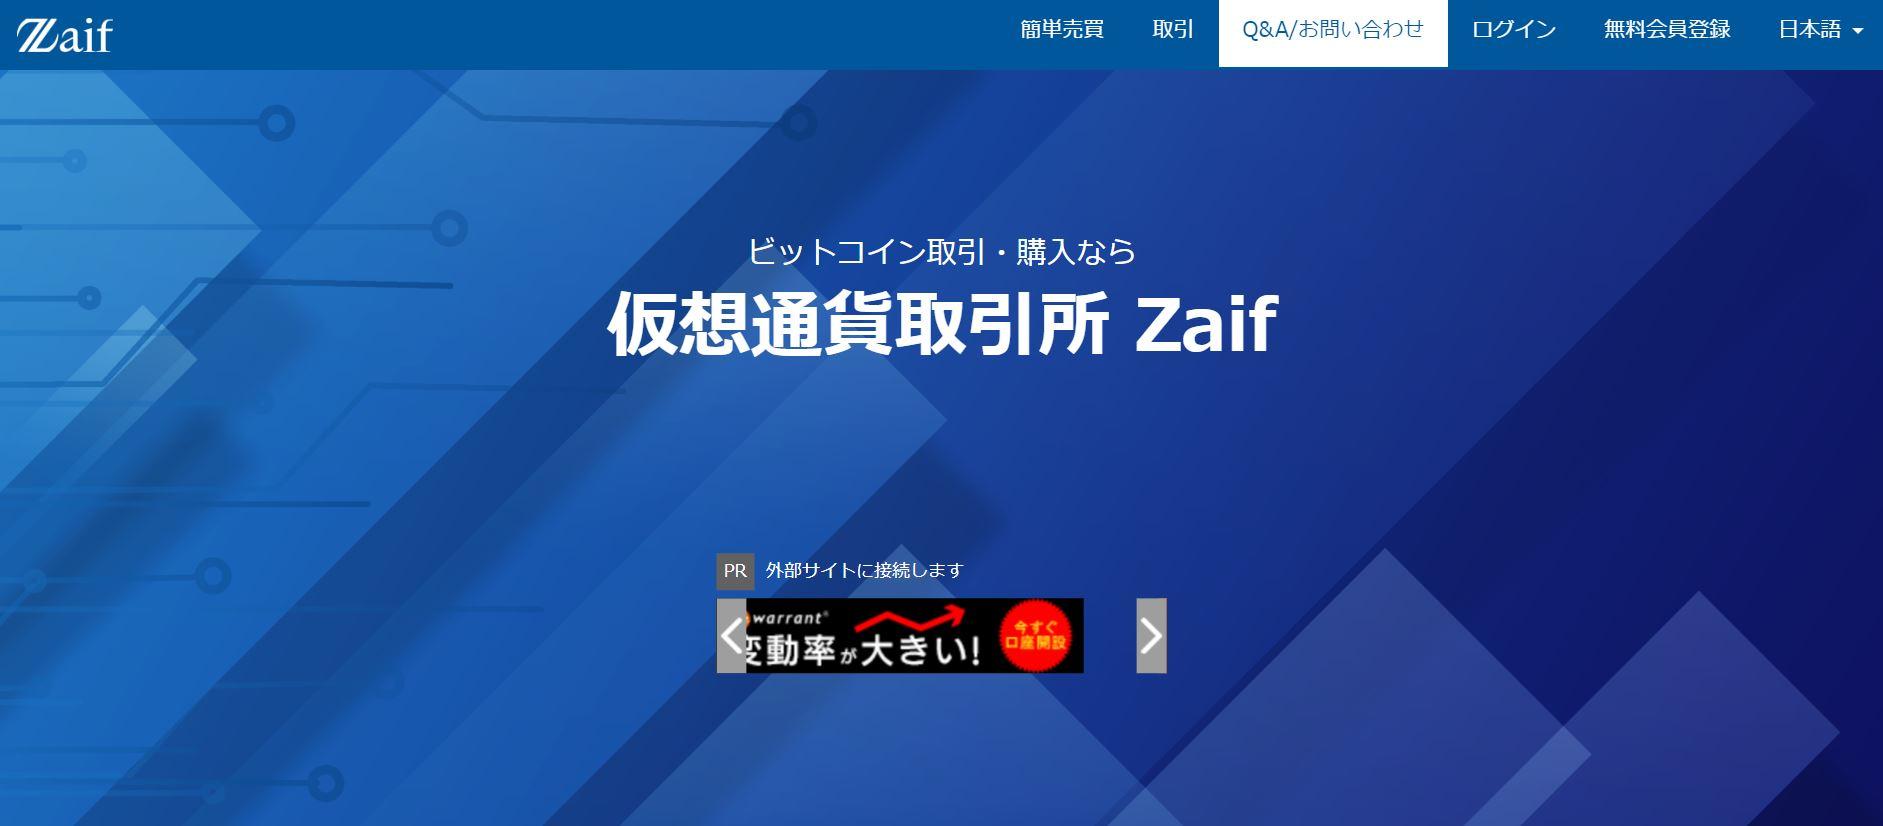 仮想通貨取引所・販売所のZaif(ザイフ)